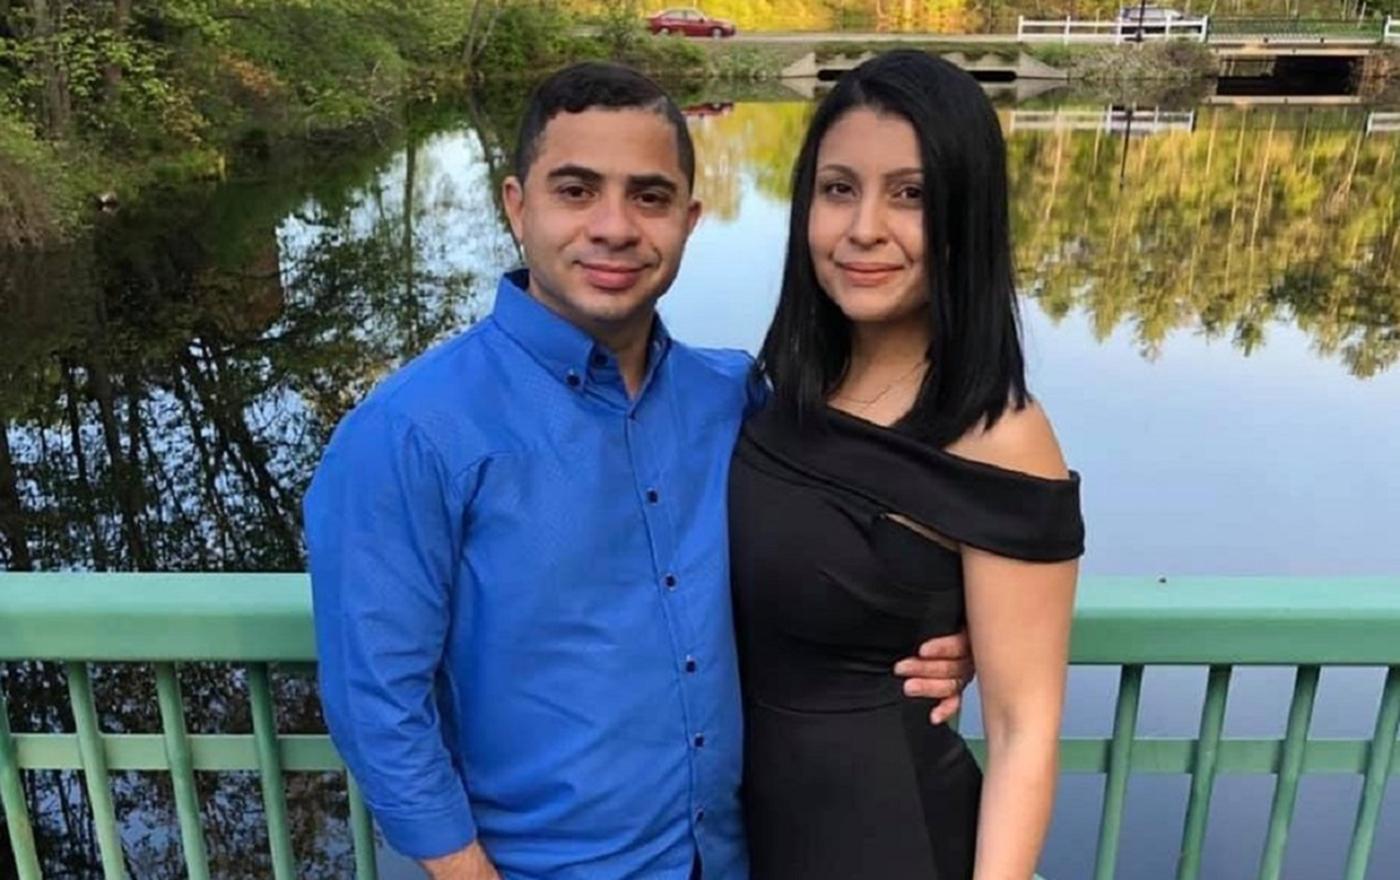 Foto19 Emerson Jaques e Nathalia da Paixao Brasileiro é acusado de matar esposa a facadas em NH